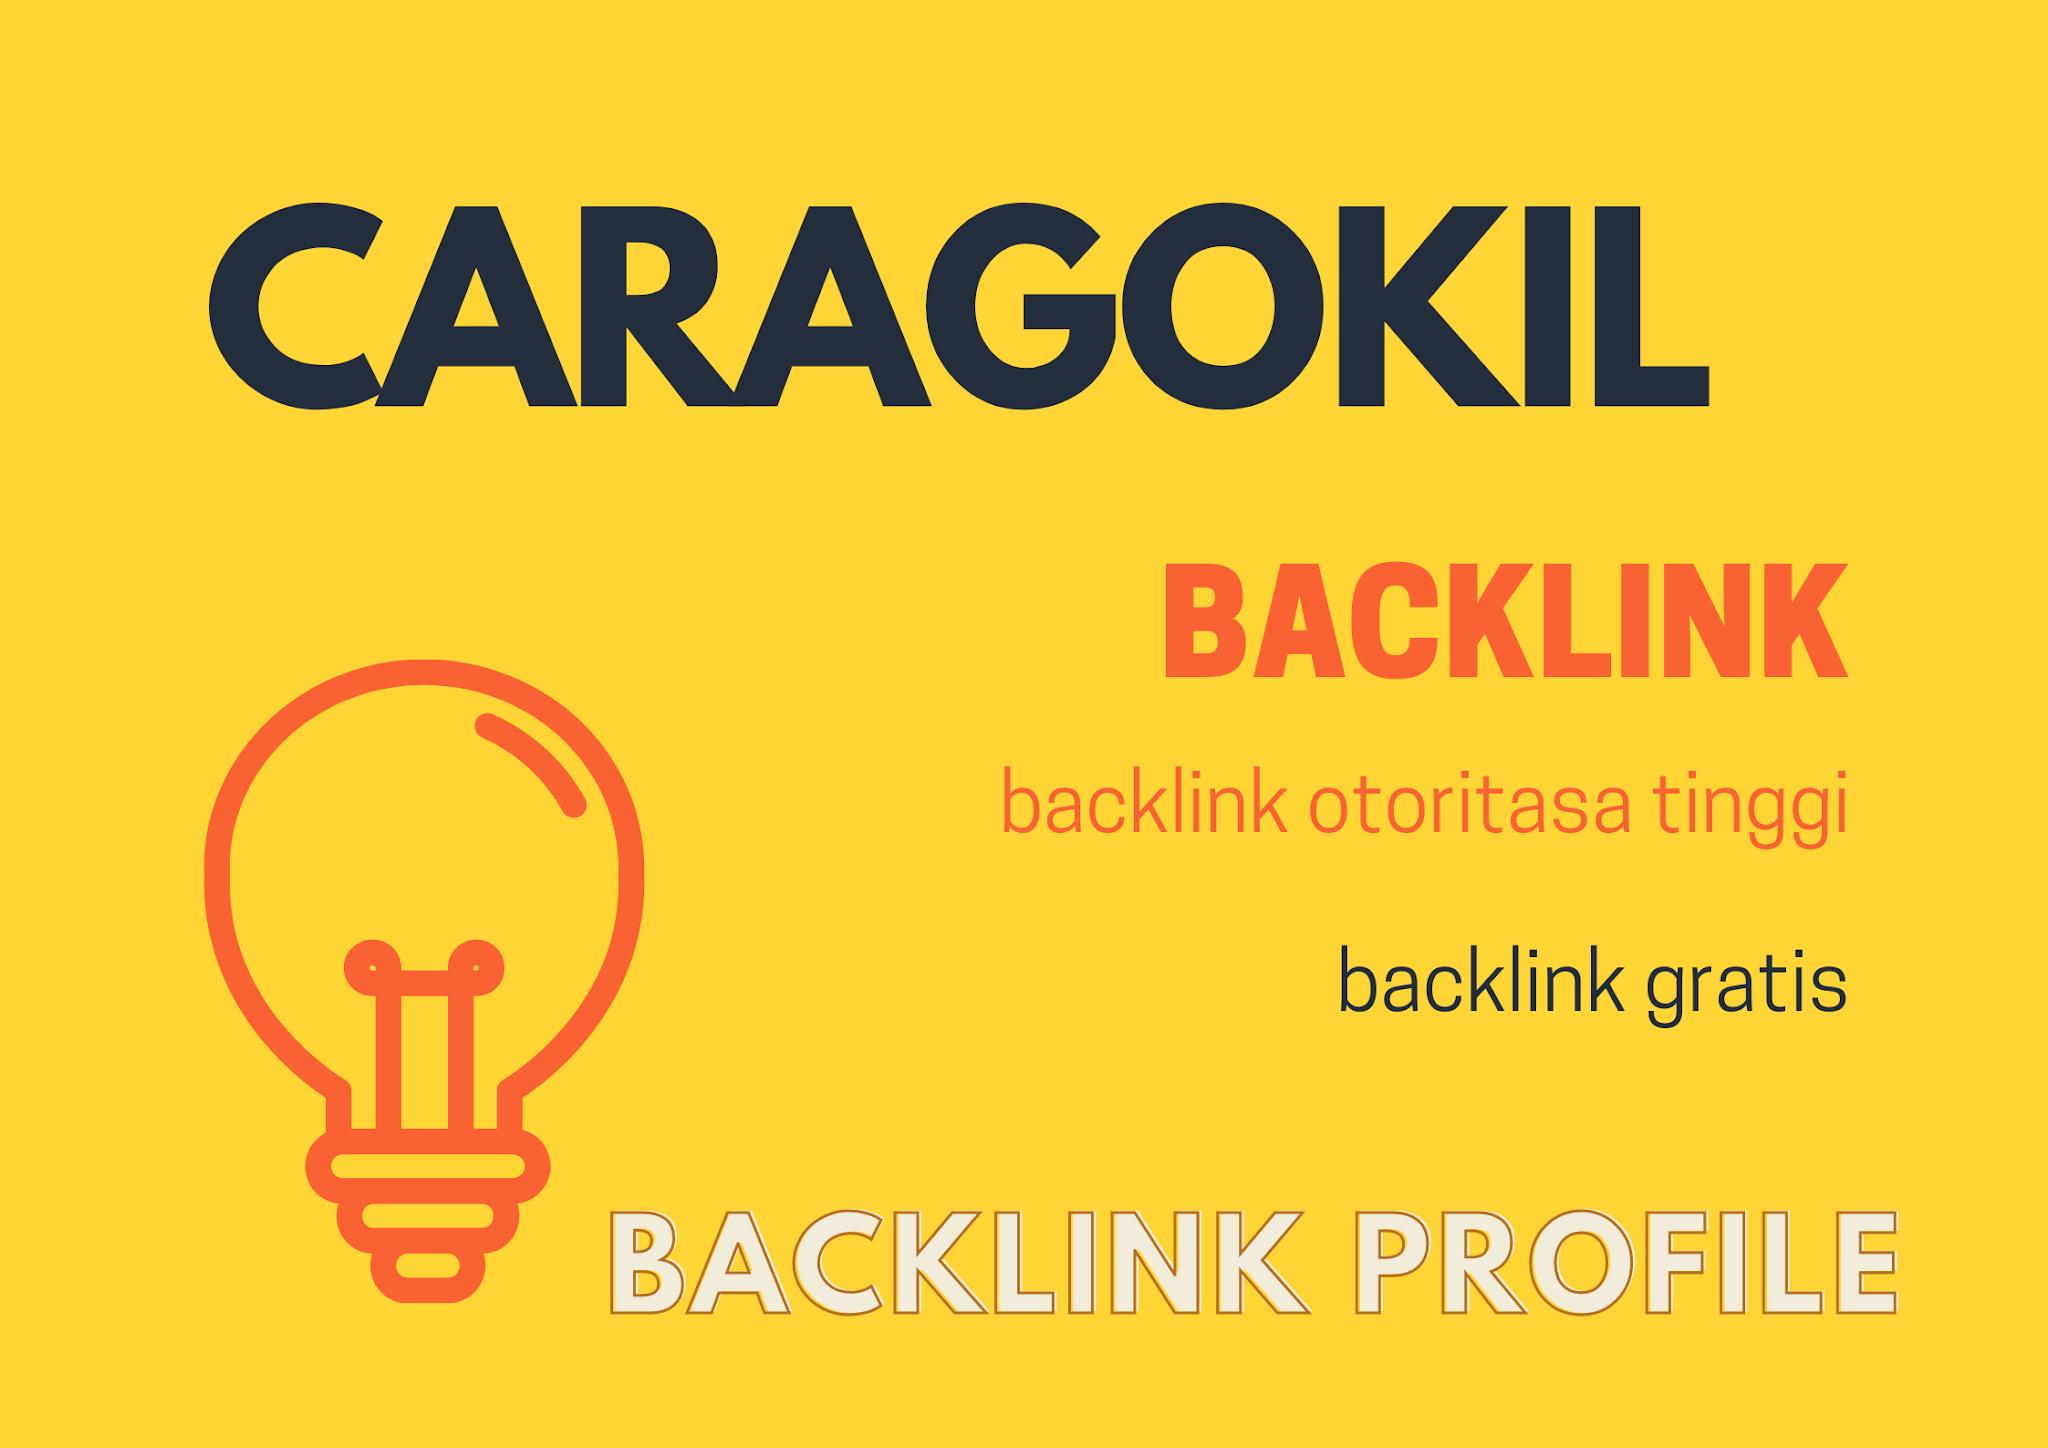 BACKLINK CARAGOKIL